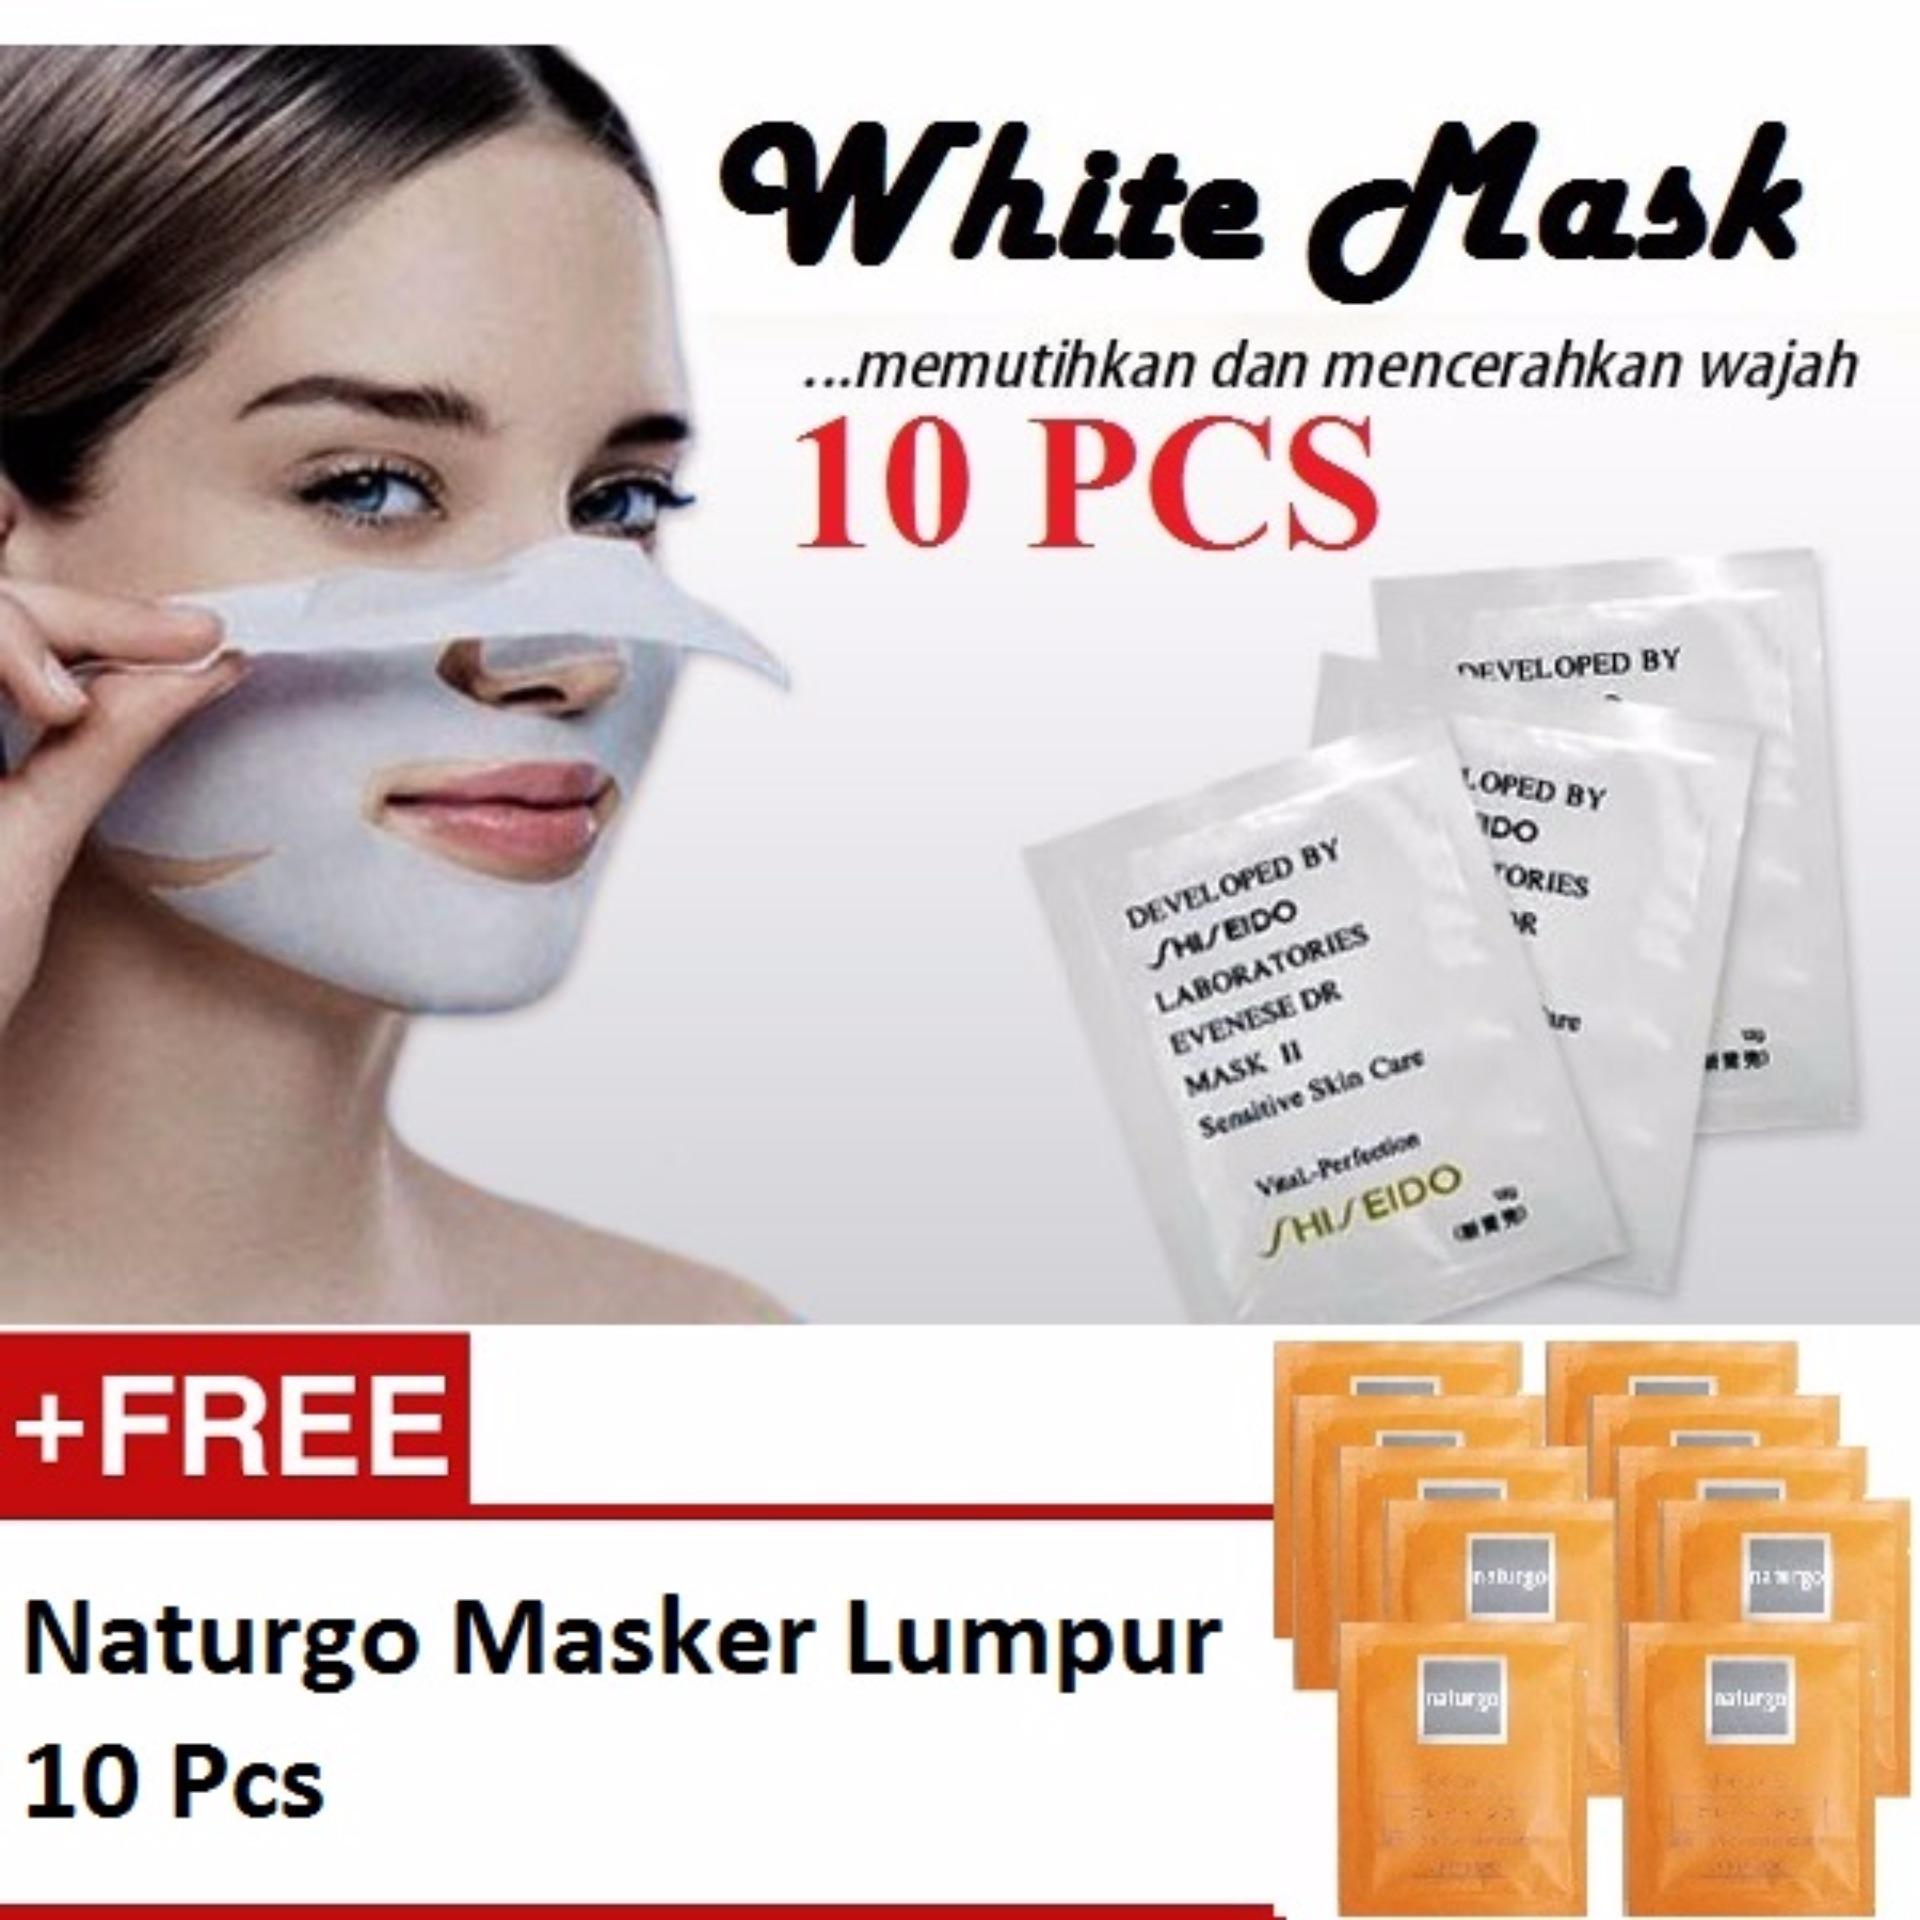 10pcs Black Masker Wajah Muka Komedo Hitam Naturgo Lumpur Cek Original Thailand Whitening Mud Shiseido Shock Price White Mask Pengangkat 10 Pcs